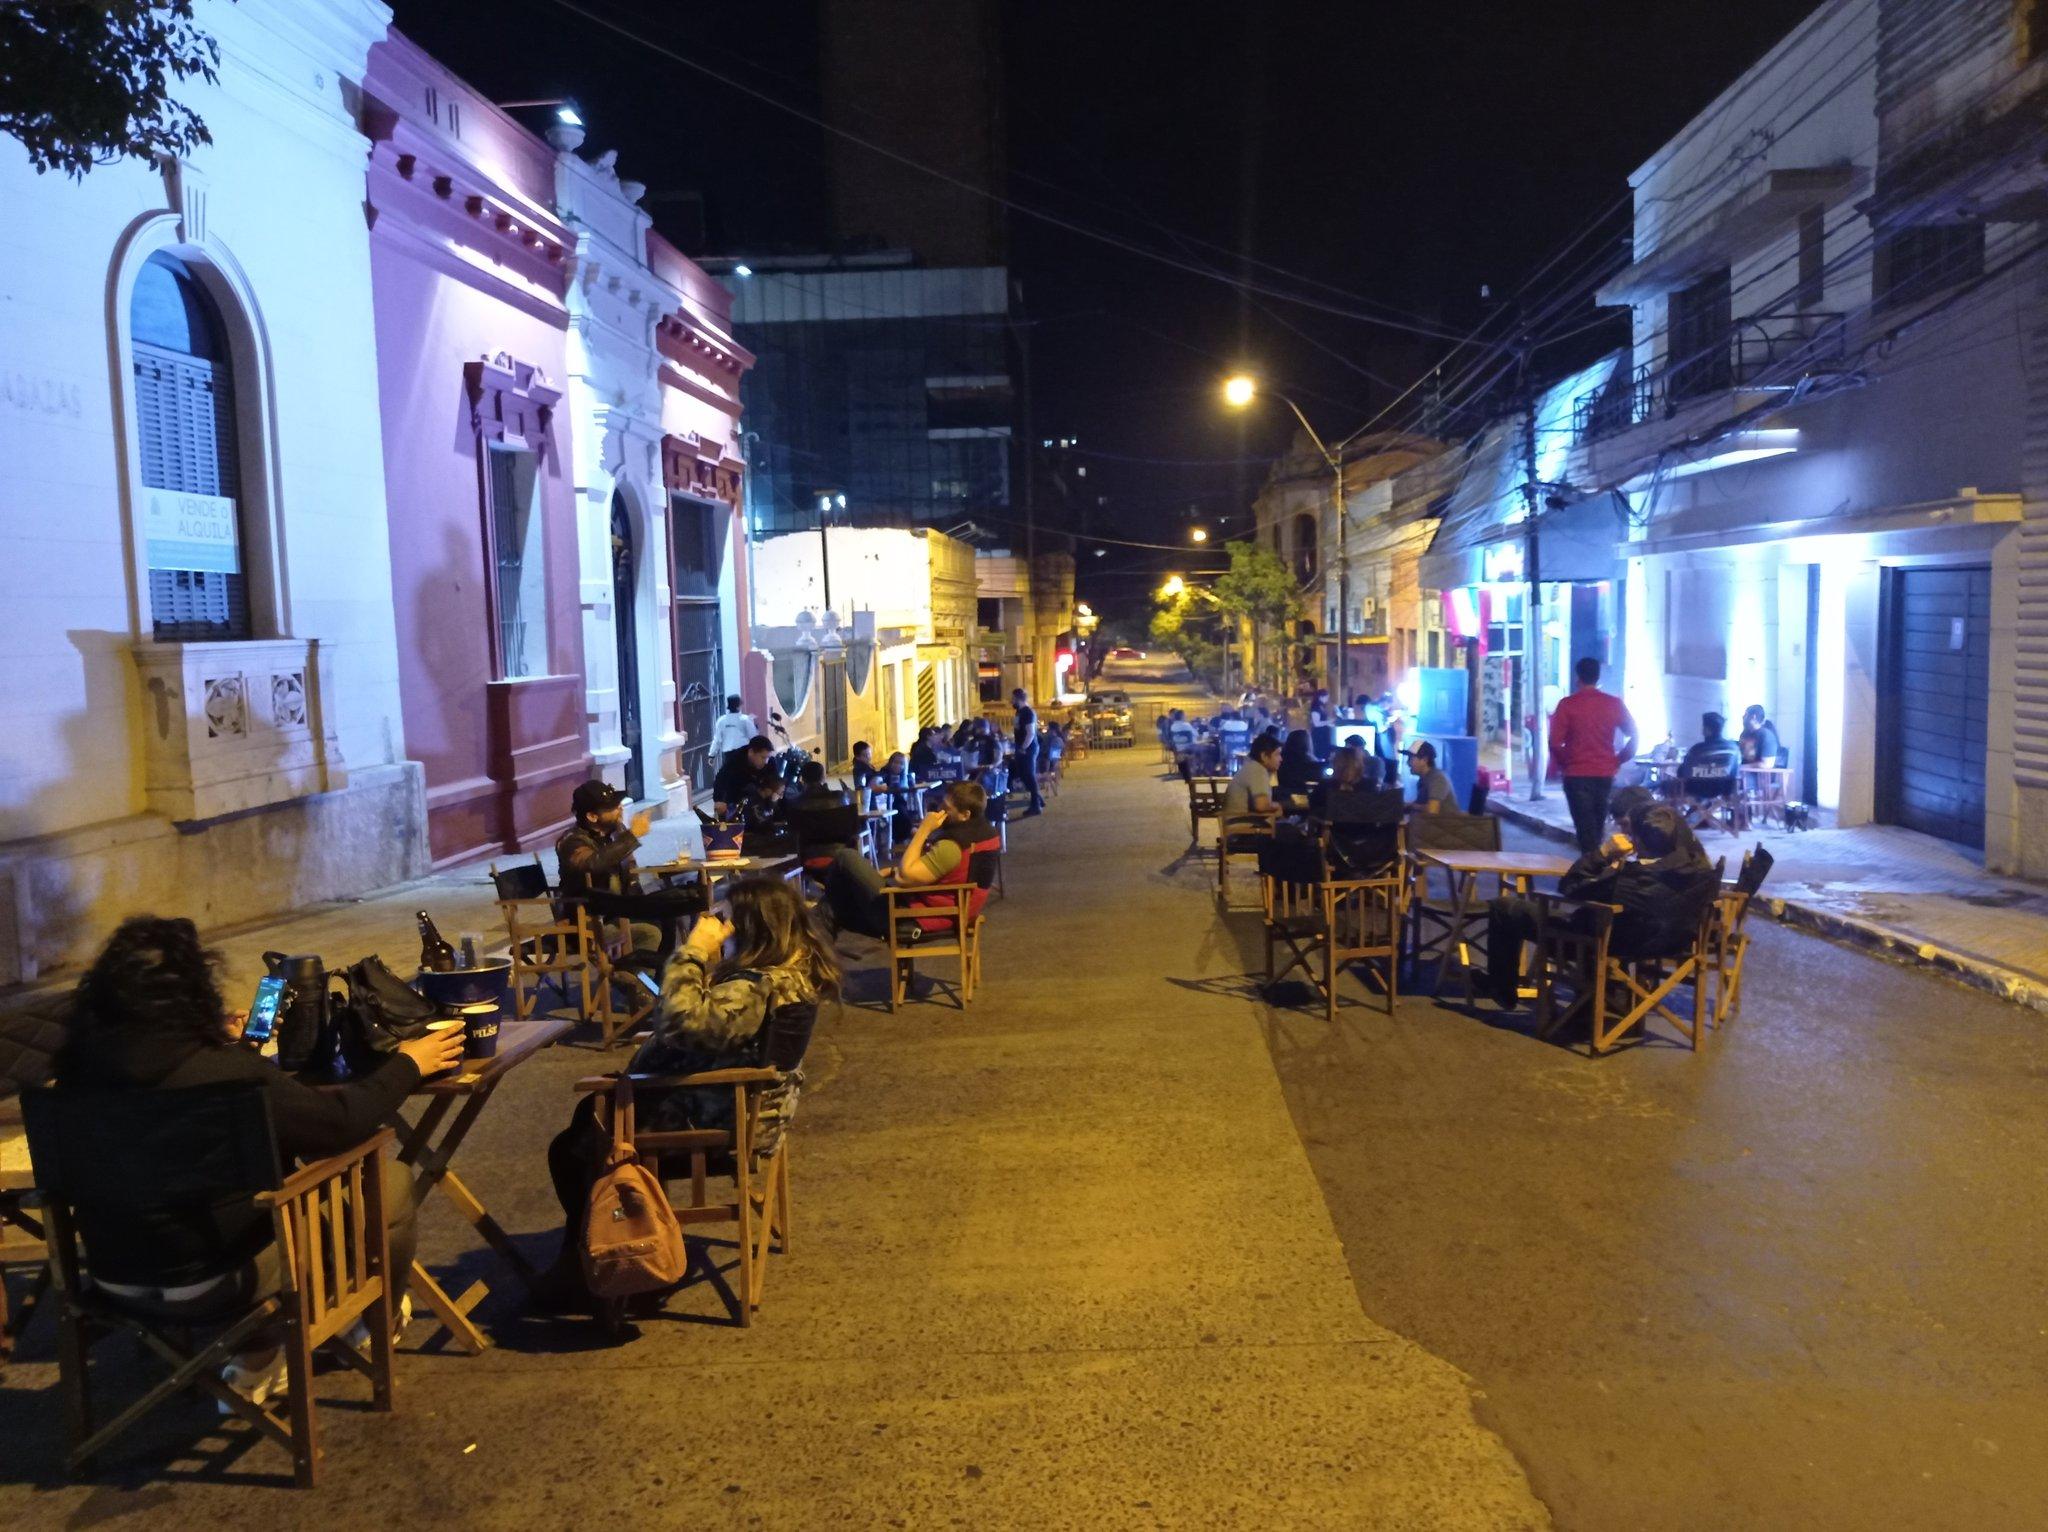 Califican de exitosa la habilitación de las calles de Asunción para los locales gastronómicos